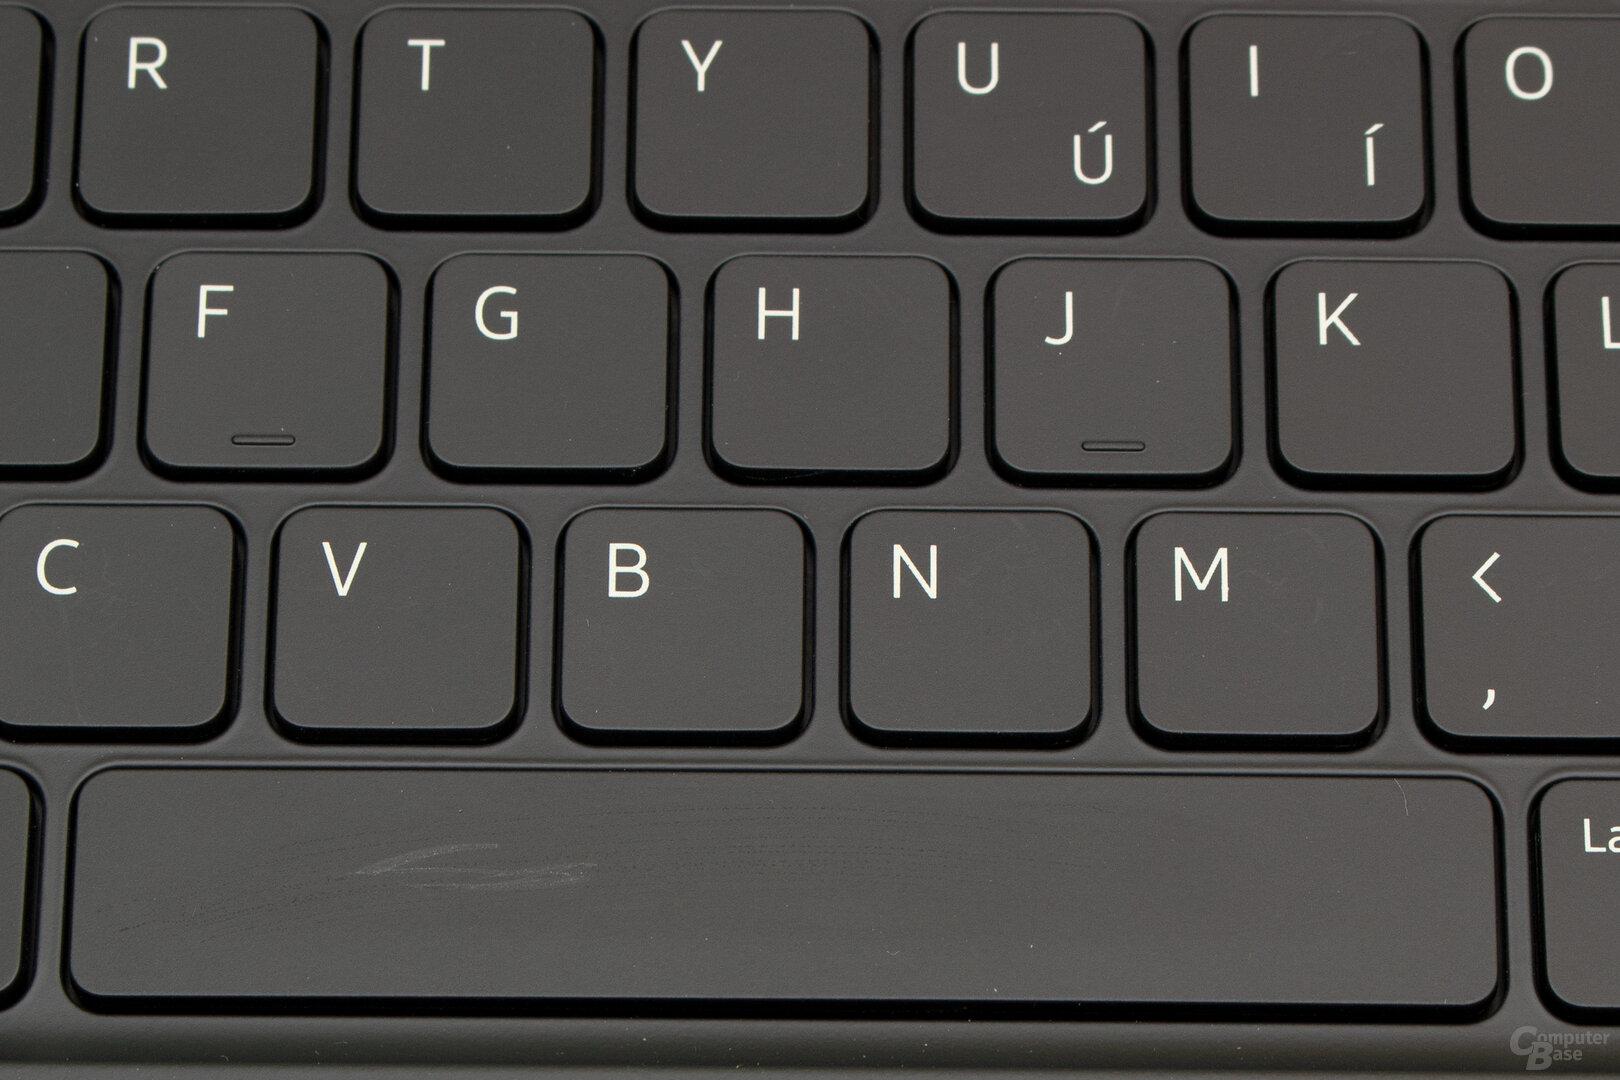 Die Tasten des Book Cover Keyboard verkratzen schnell, was sich aber schnell mit einem feuchten Tuch beheben lässt